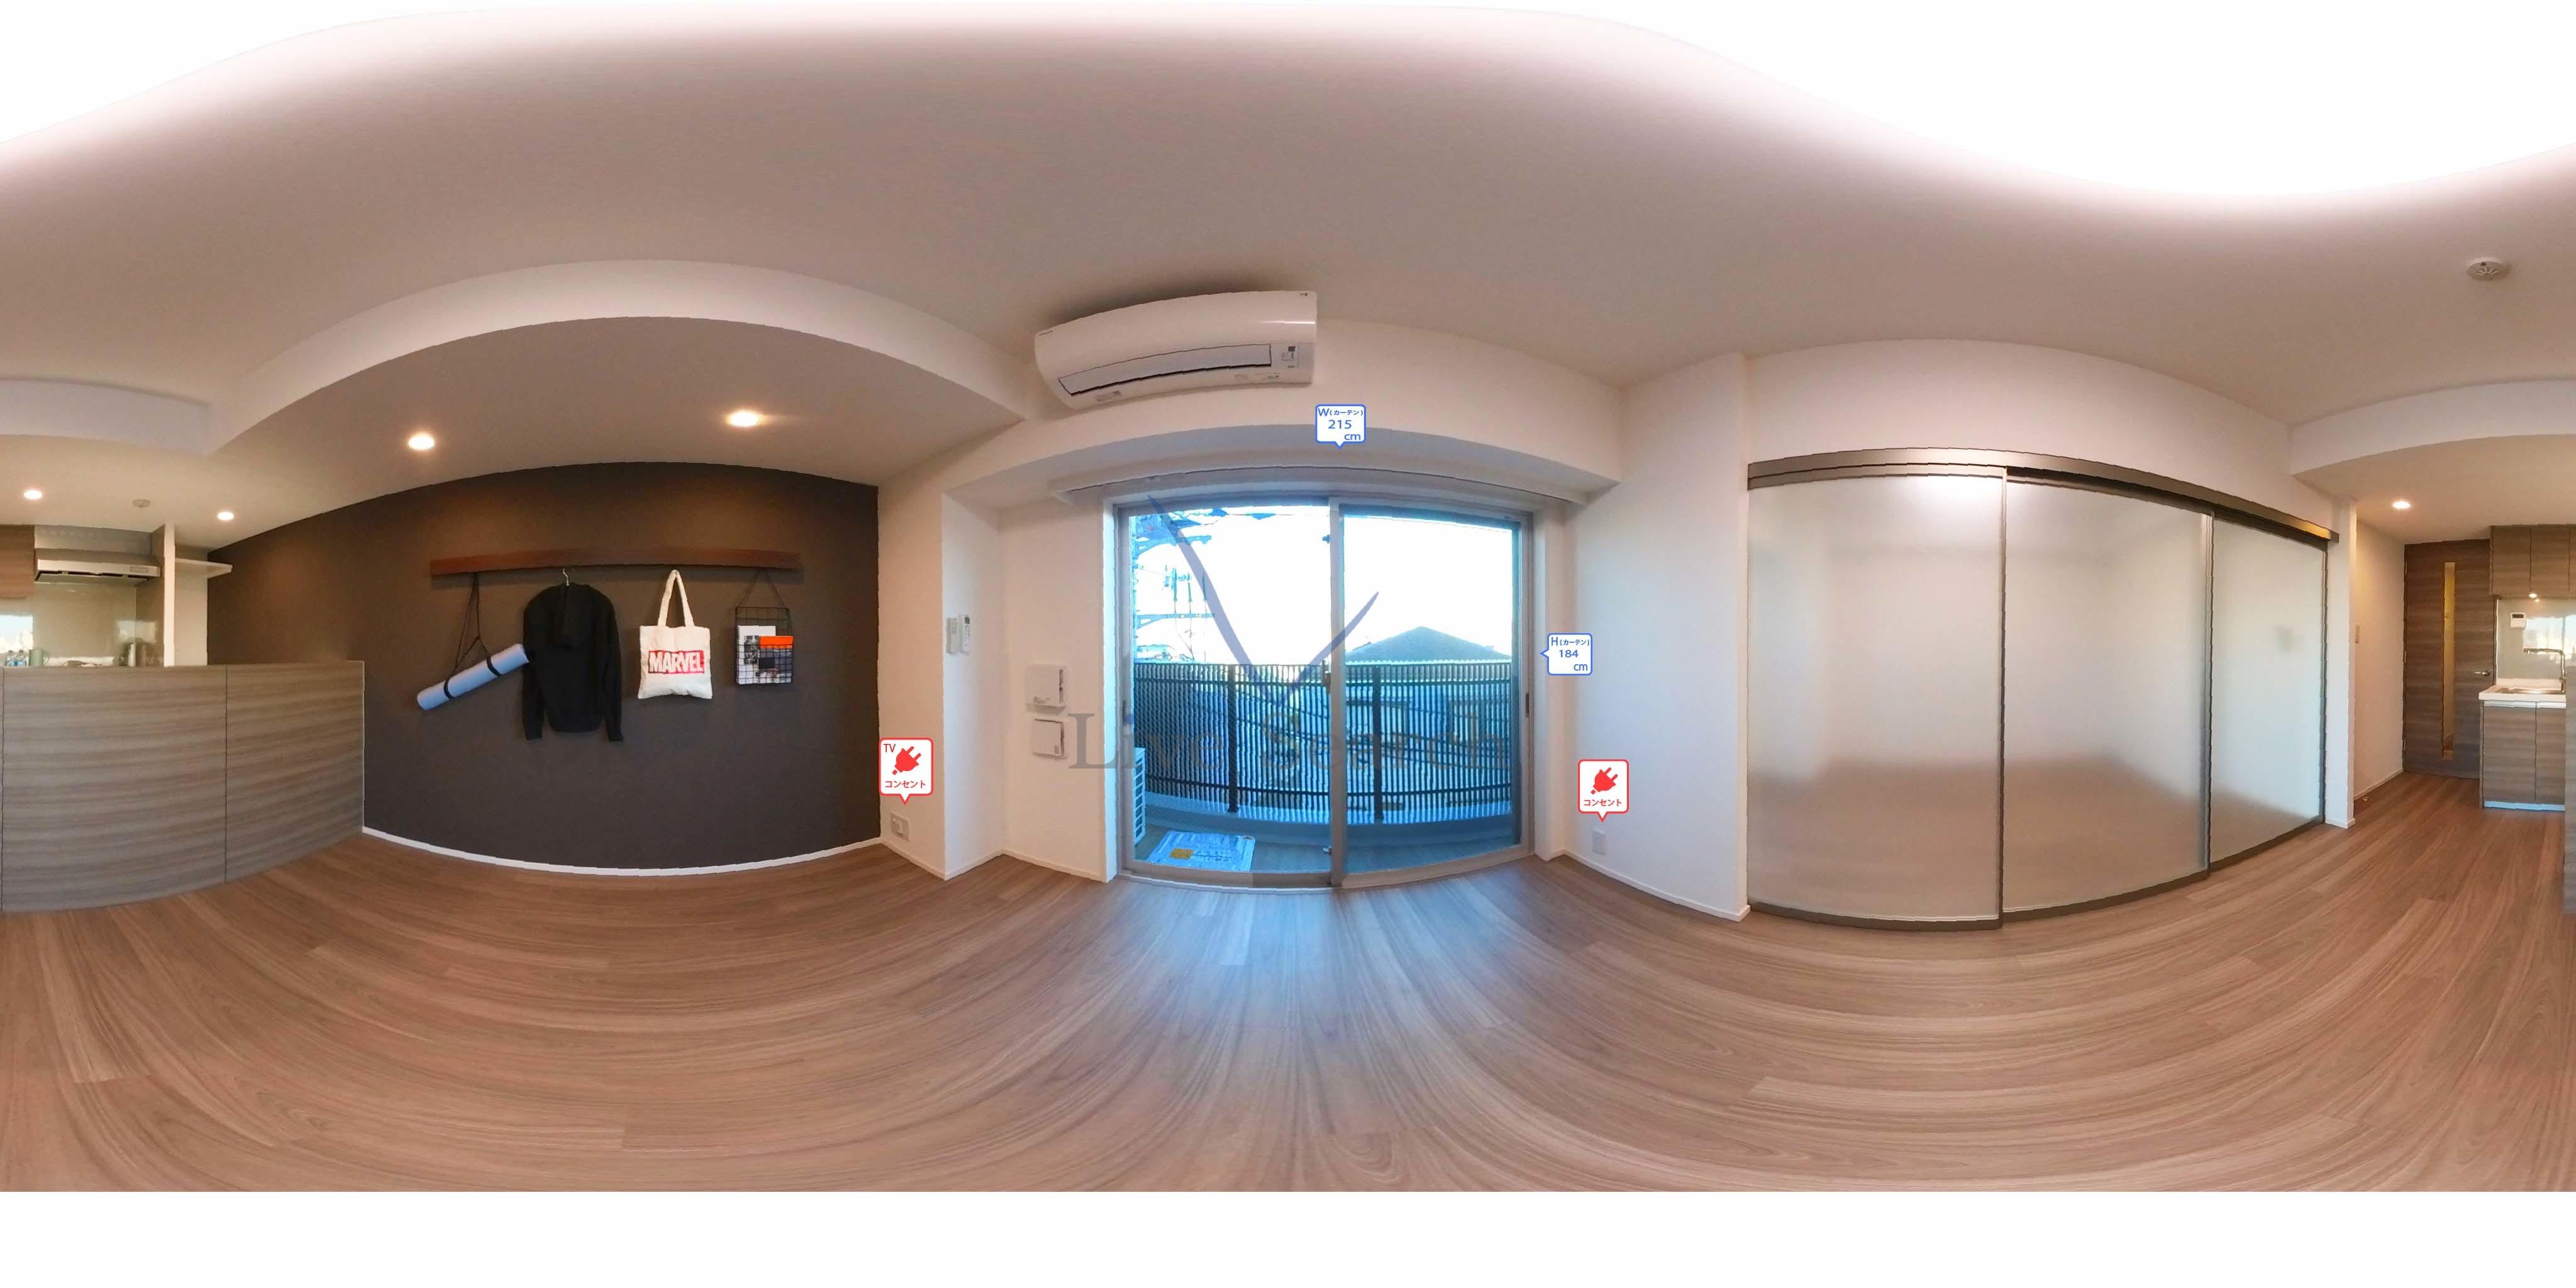 ベルファース代田橋 401 【代田橋駅】 の外観写真